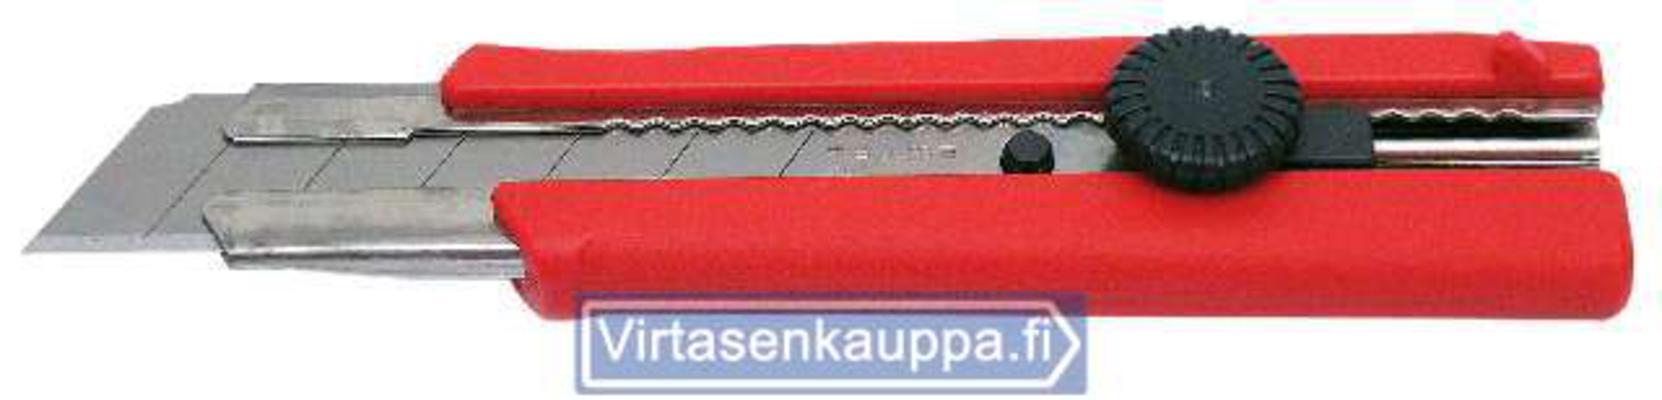 Katkoteräveitsi 25 mm, Tajima 650 - Katkoteräveitsi 25 mm